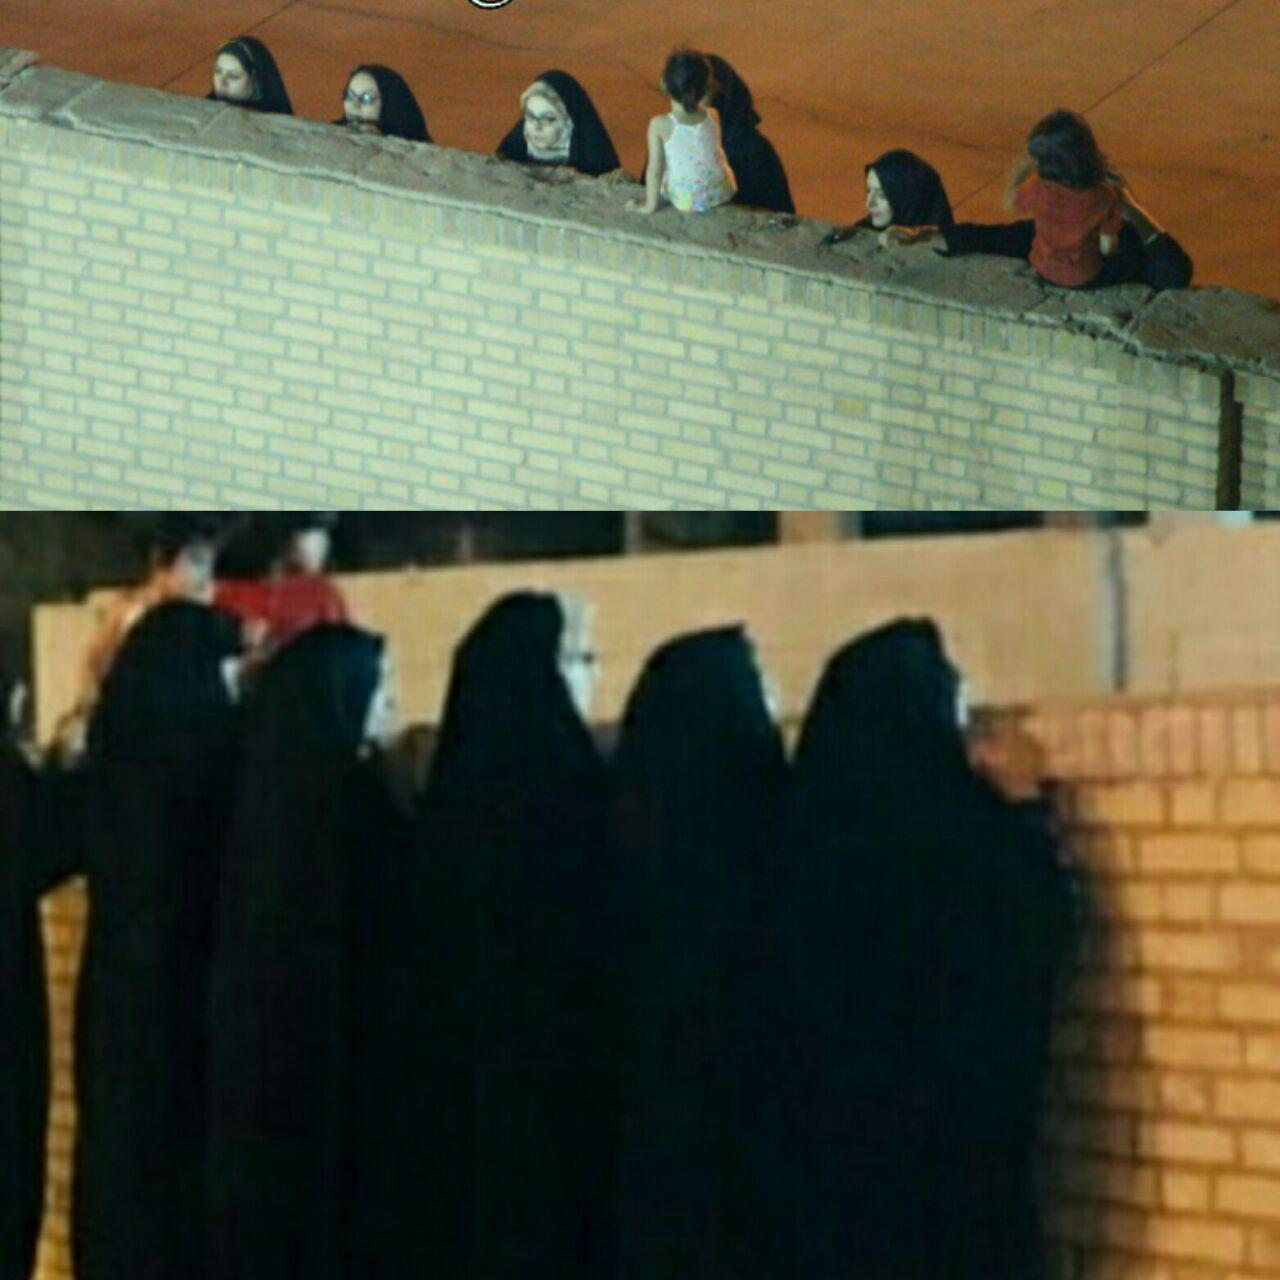 خانم ها از پشت دیوار تماشاگر یک مسابقه فوتبال (عکس)